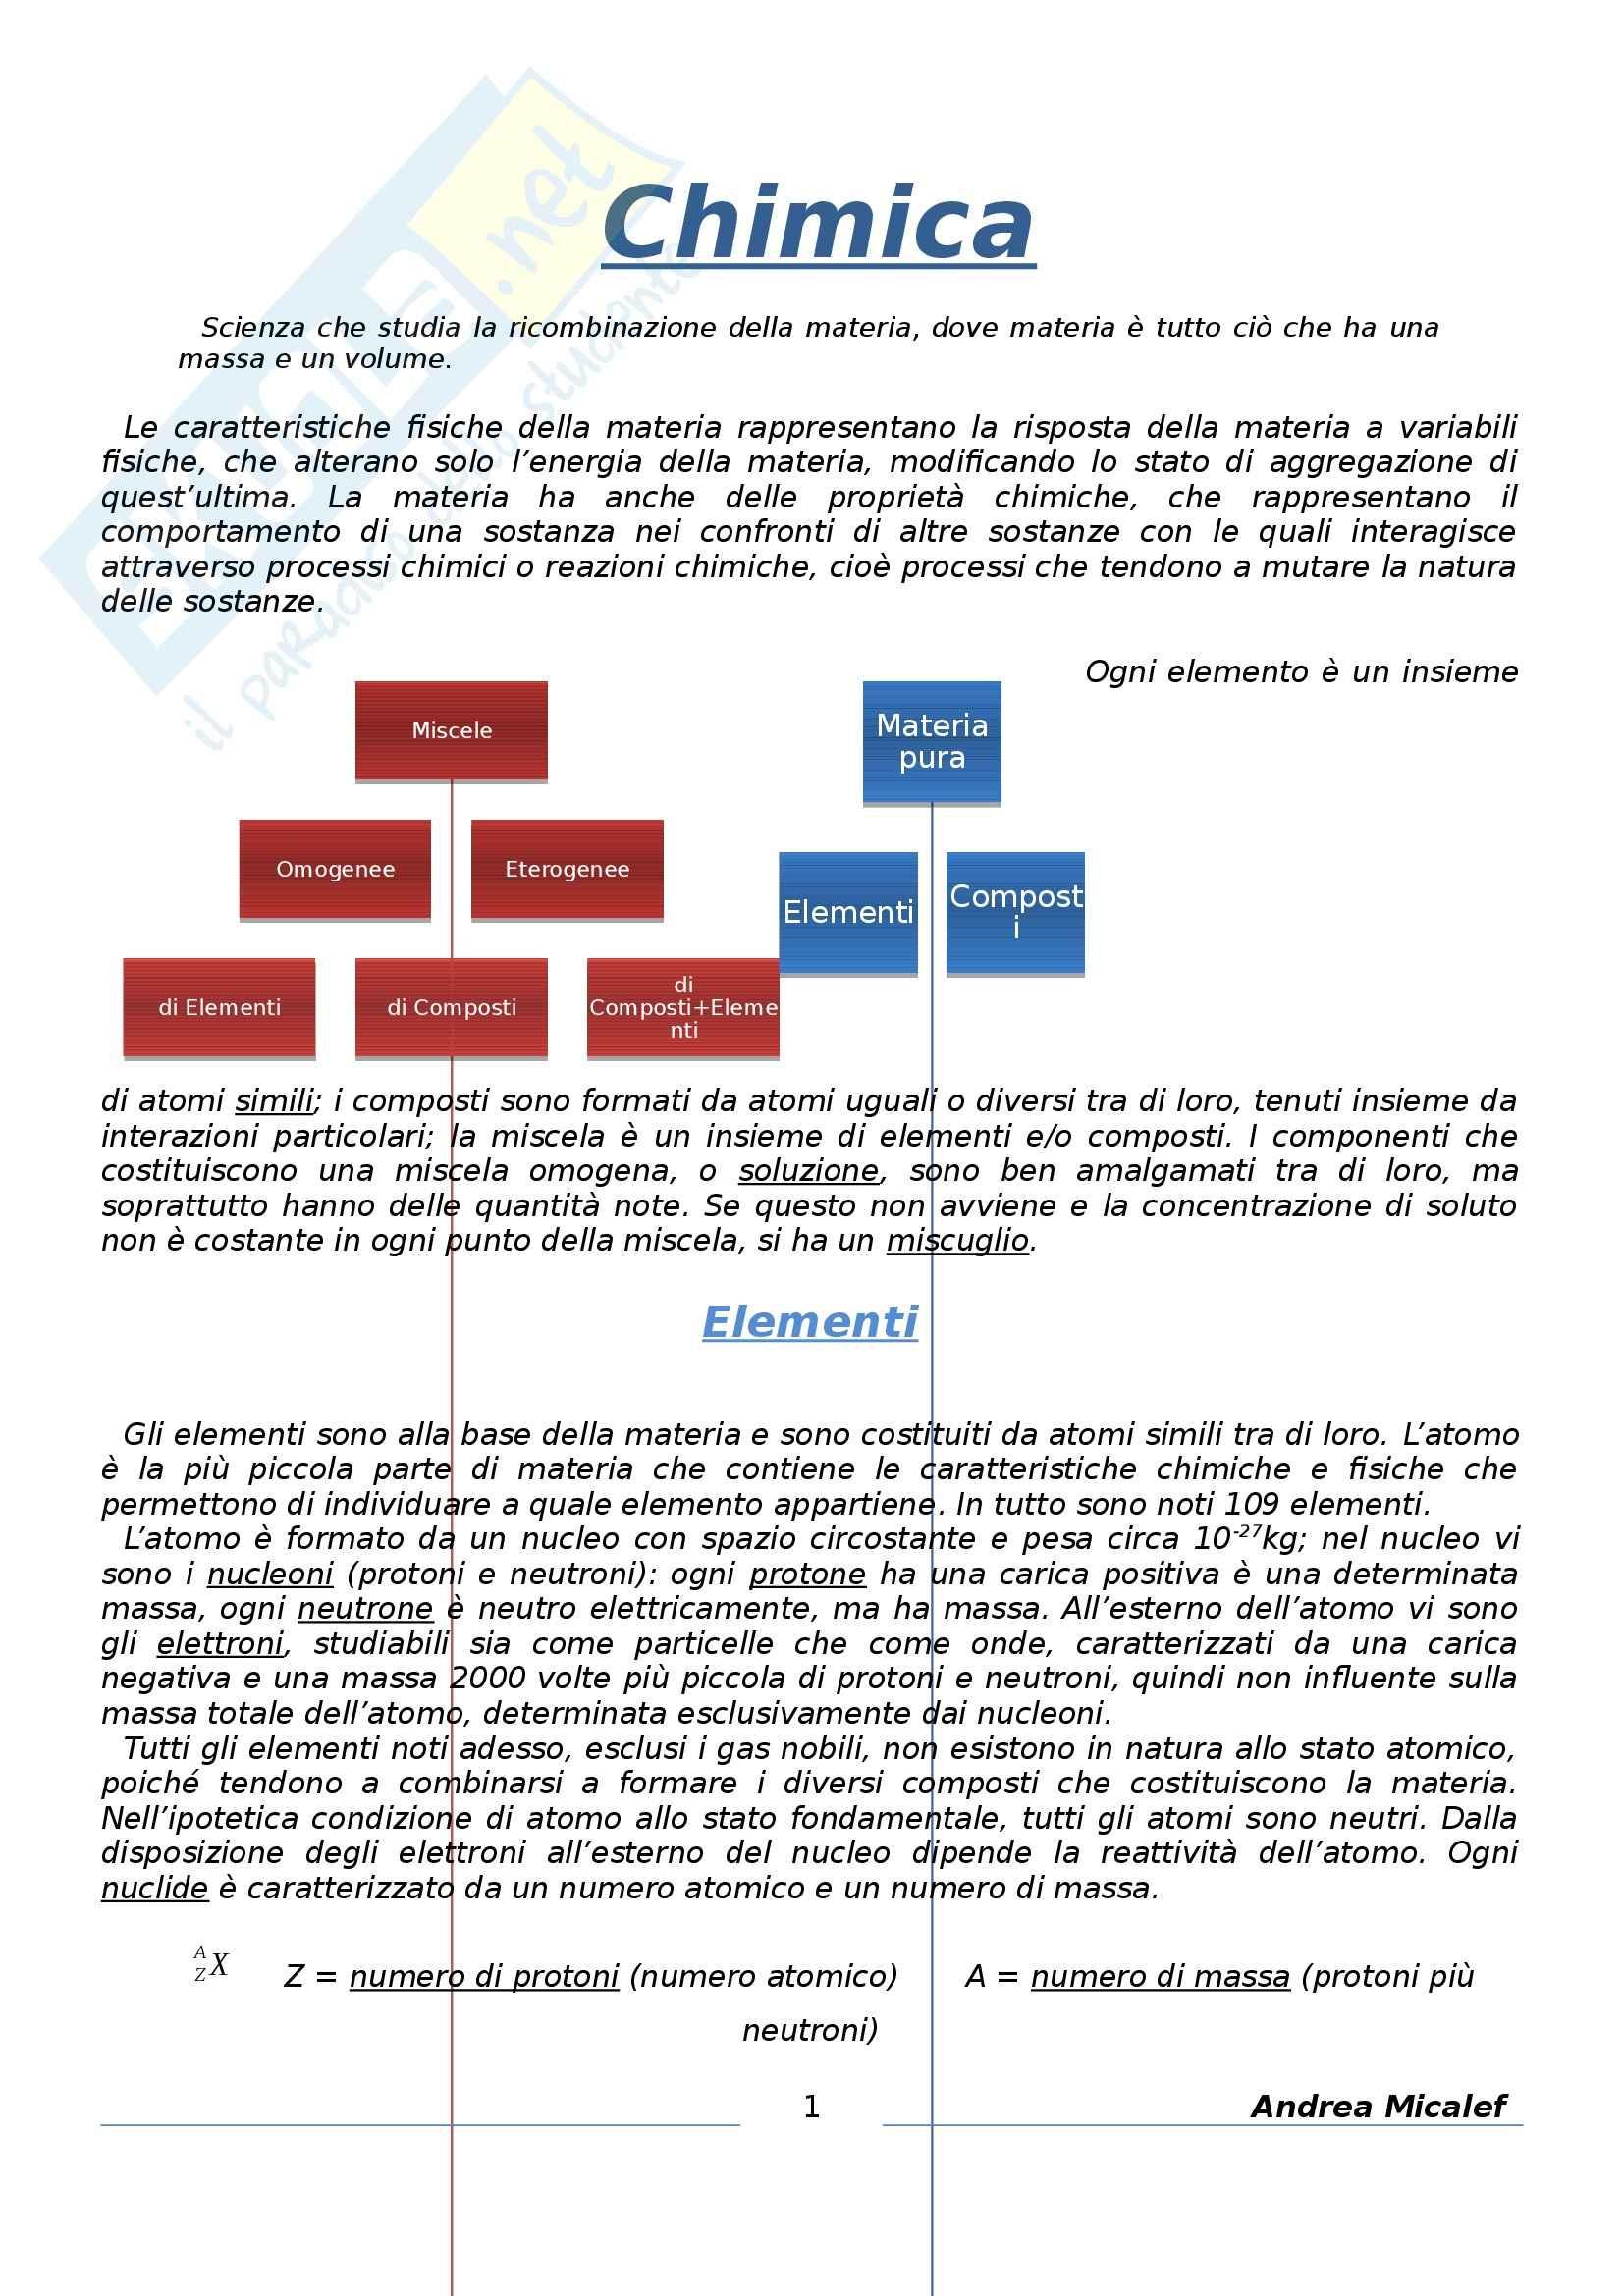 Chimica Generale - Appunti